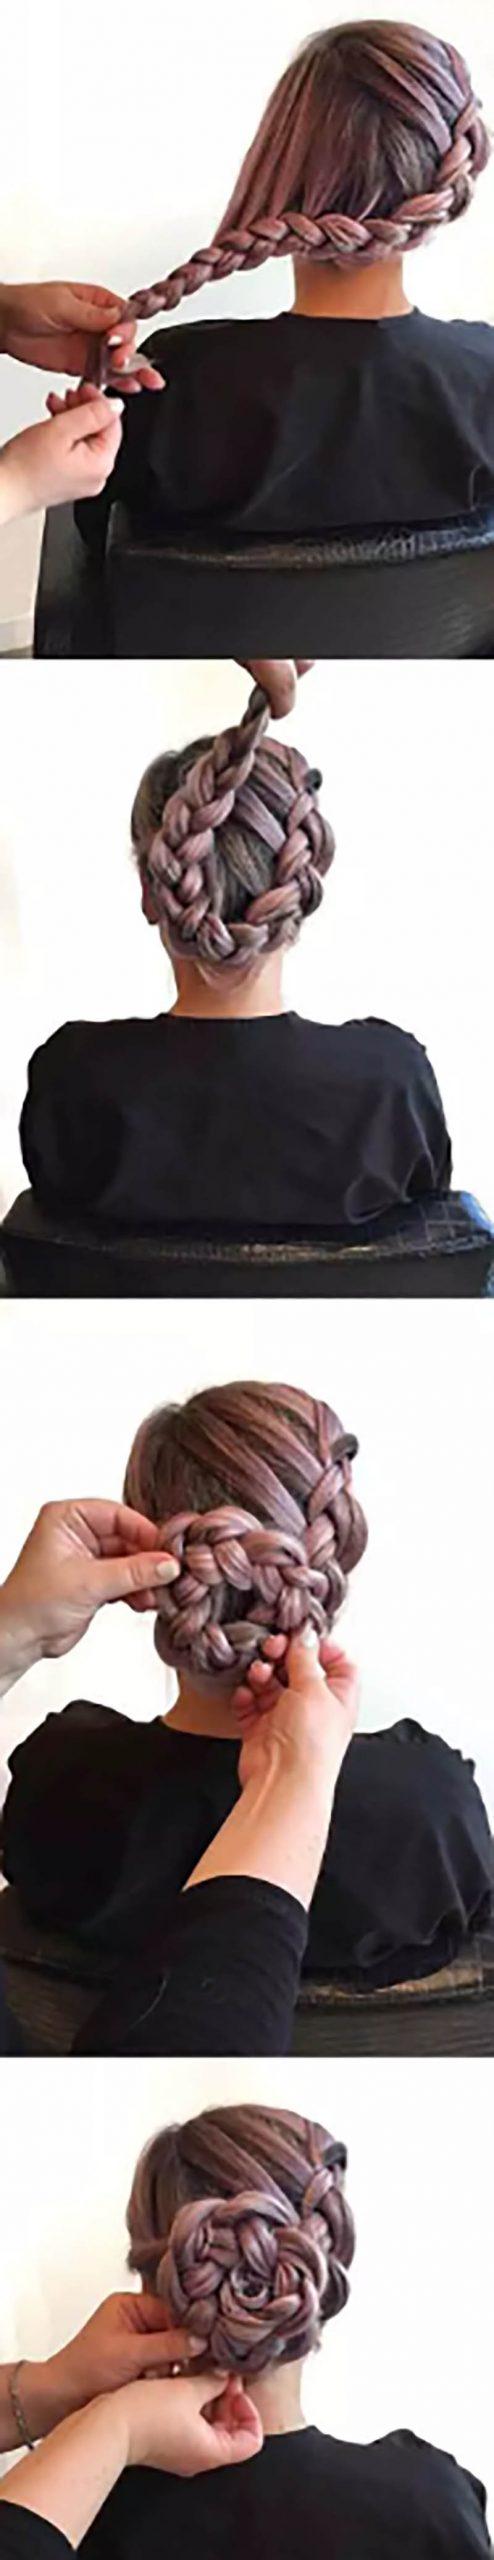 Búi tóc với kiểu tết đuôi tôm đơn giản